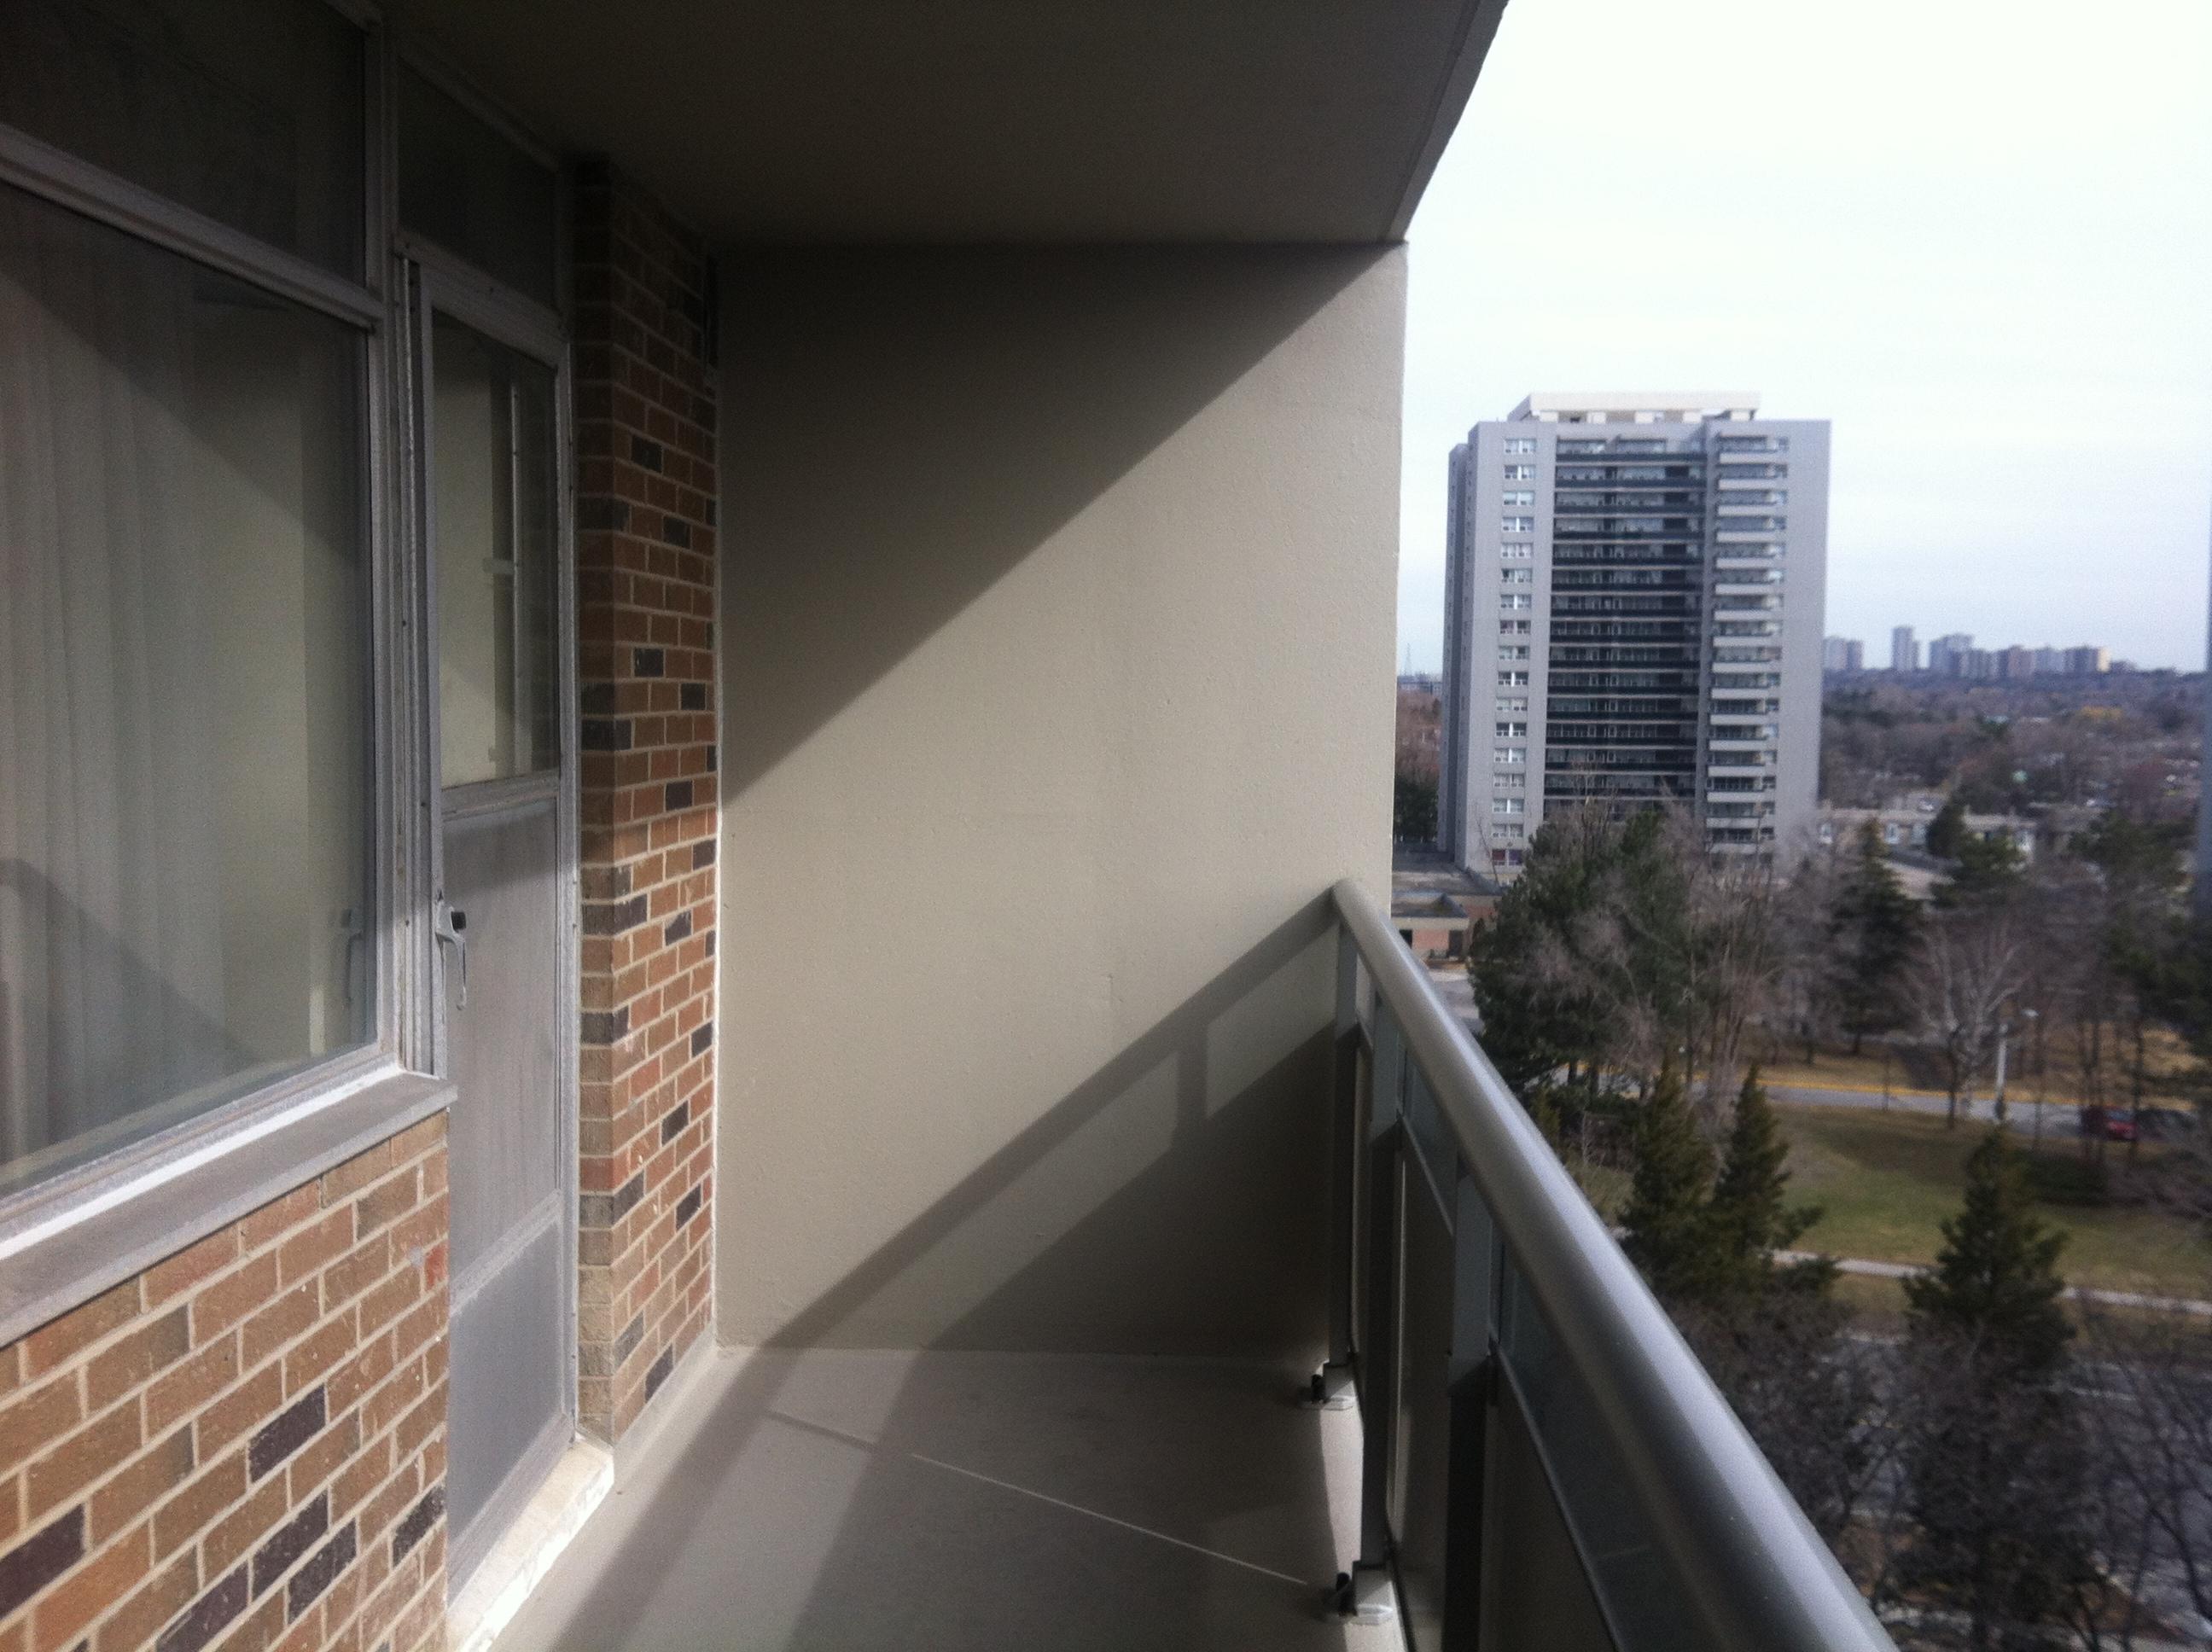 Balcony Netting Toronto | Pigeon Busters (416) 696-7777